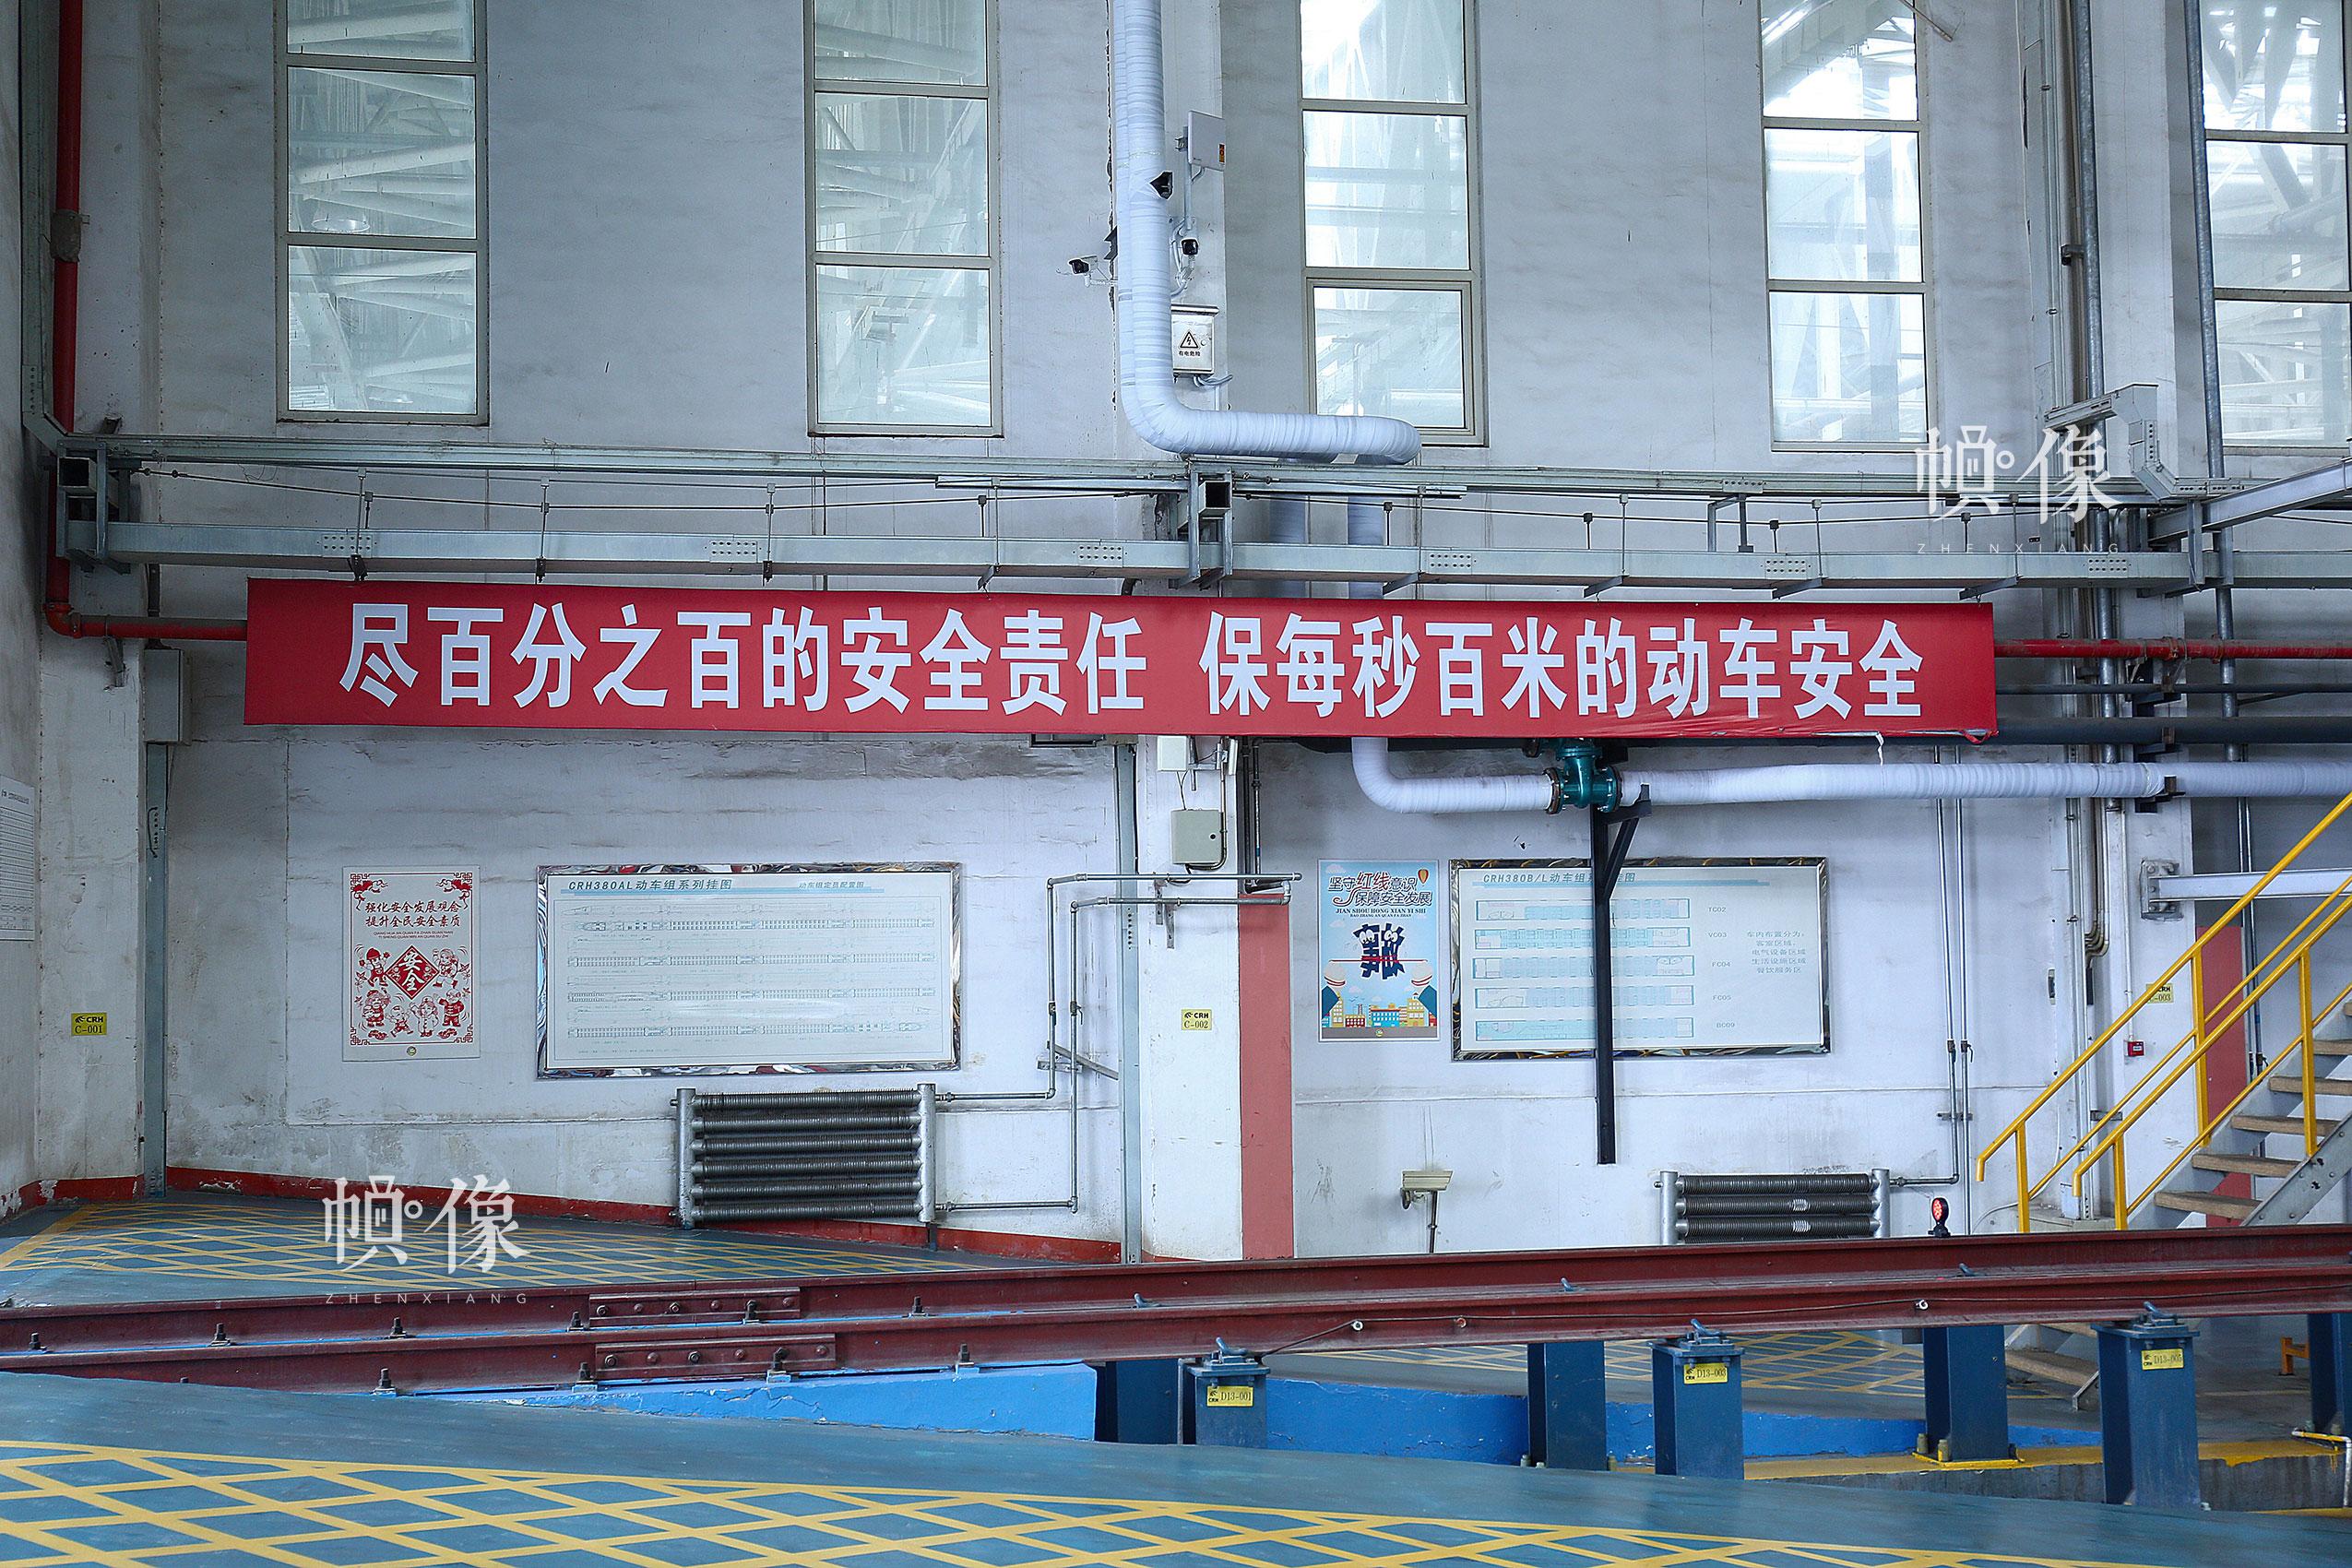 车间悬挂的横幅,时刻提醒着每一位工作人员必须做好自己的工作,不能出现任何一个差错。中国网记者 黄富友 摄